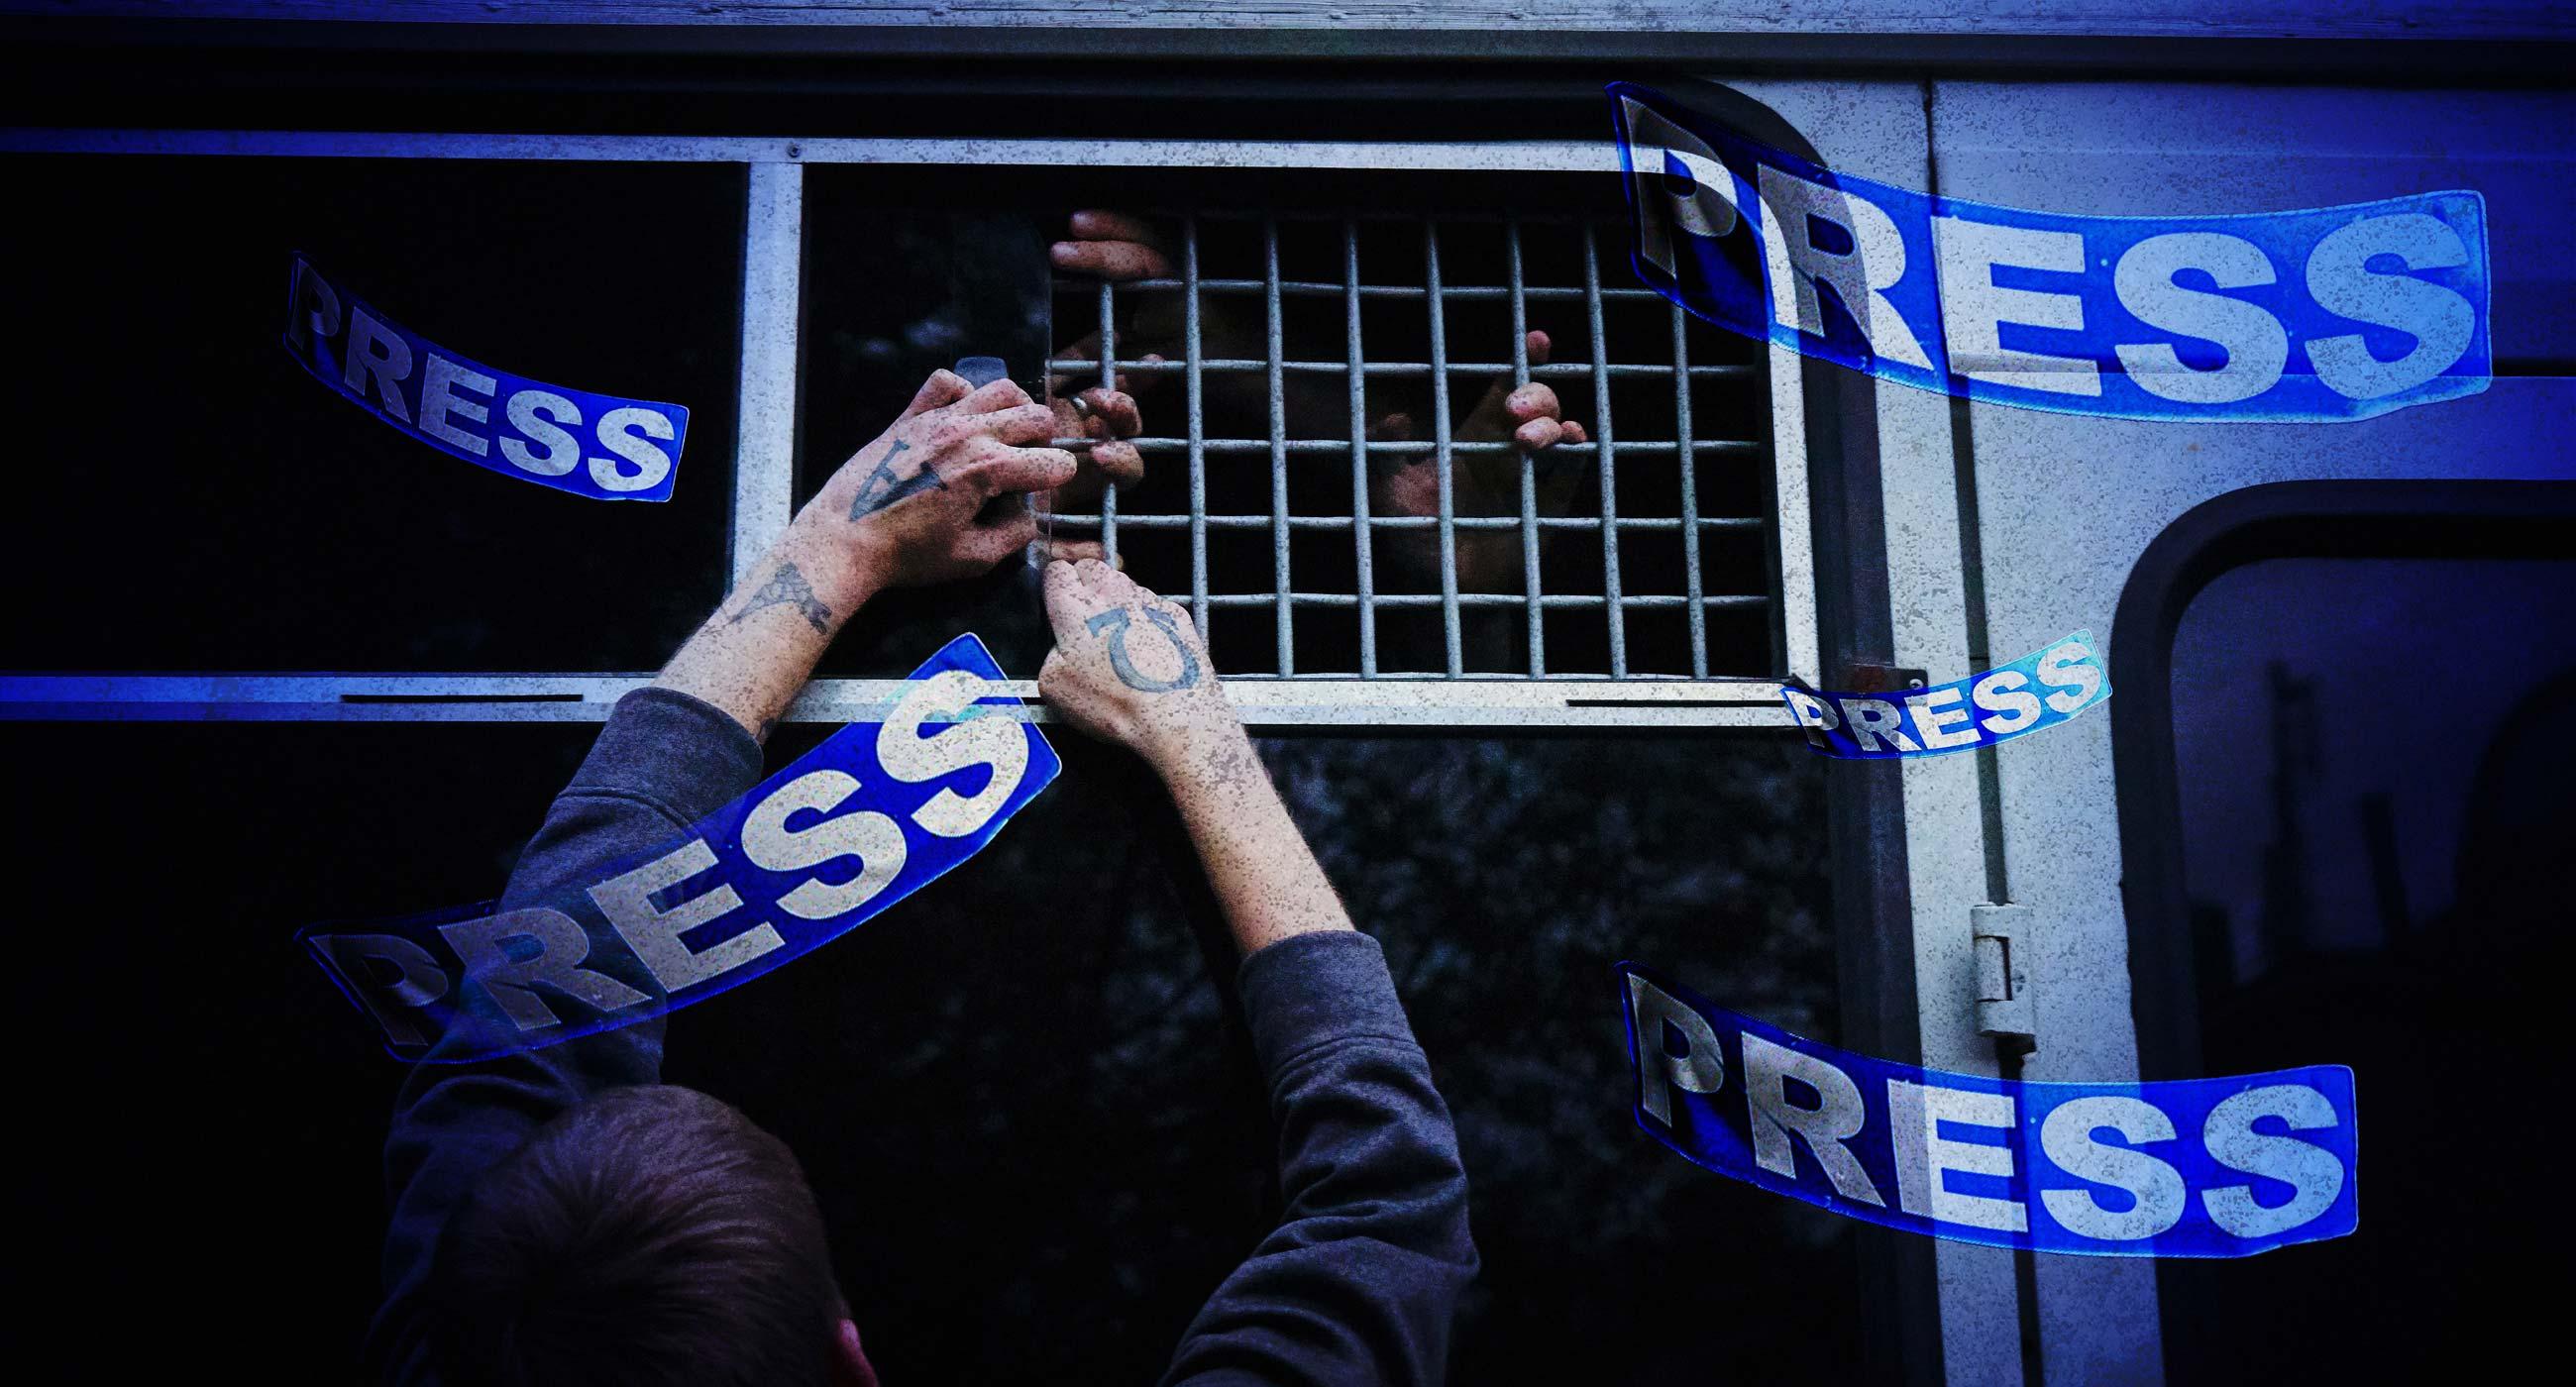 «Ваш стрім незаконний»: Заборона розповідає, як журналістів переслідують через їхню роботу